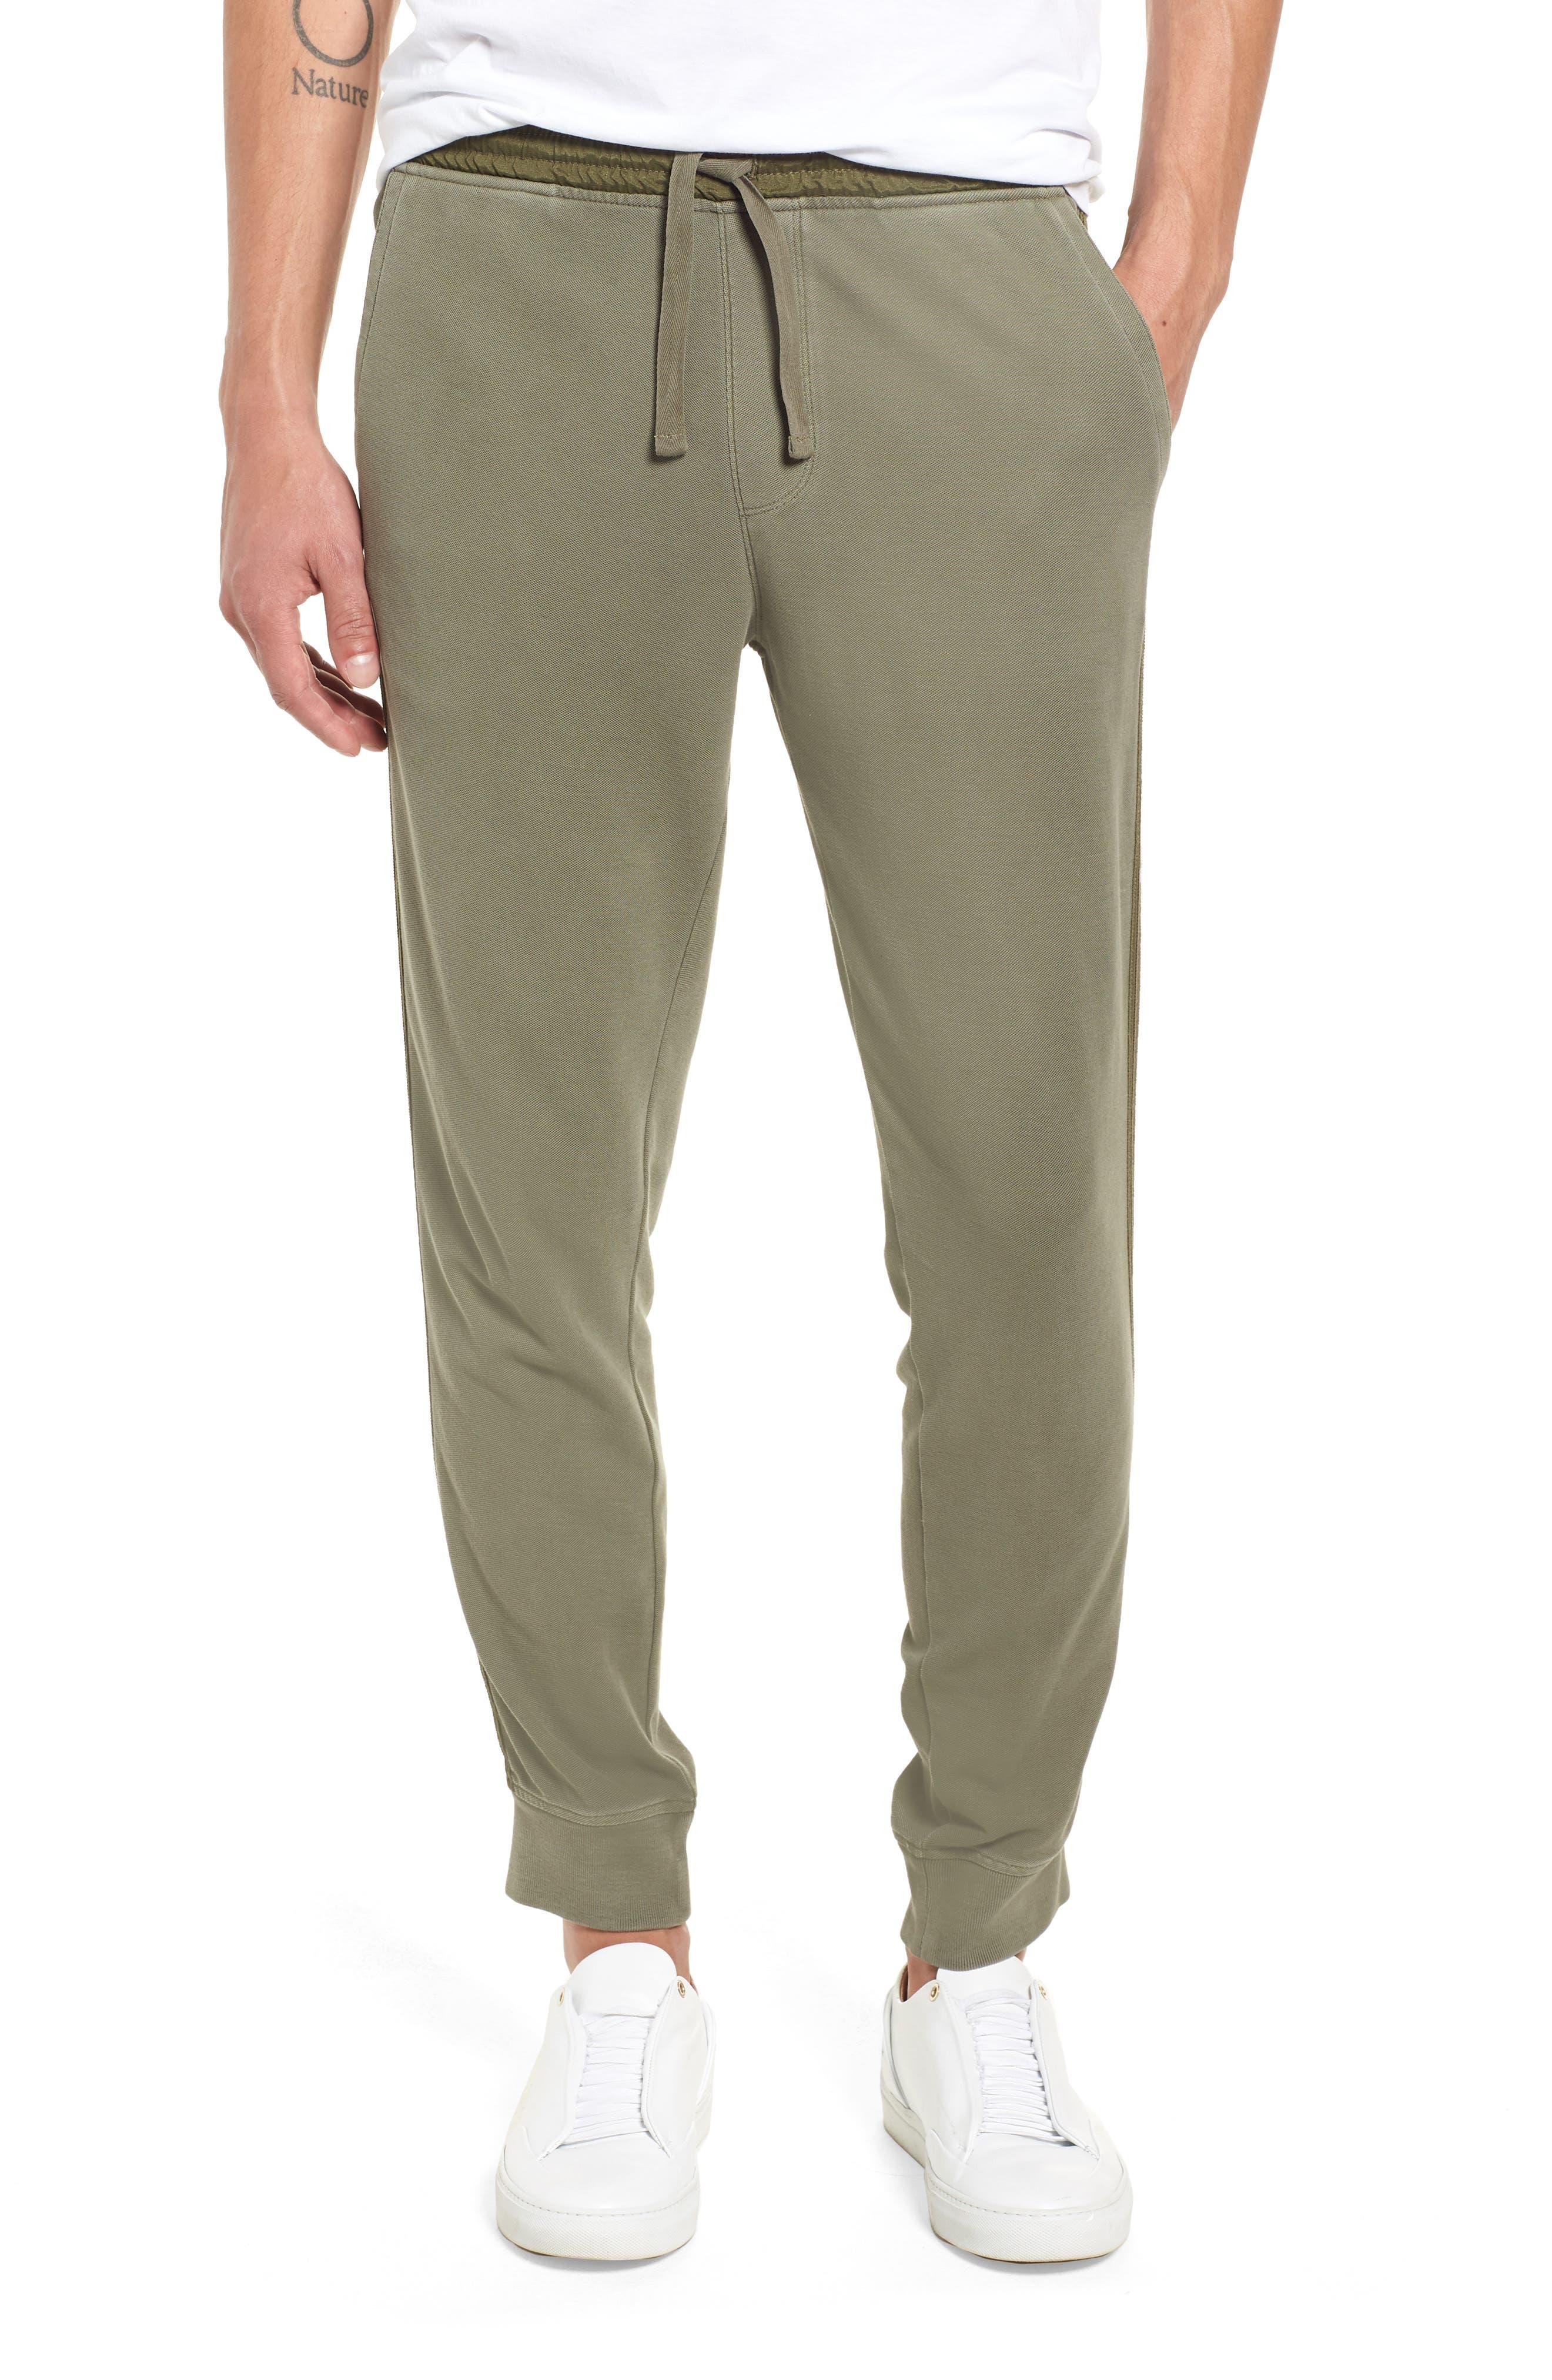 Chroma Wash Regular Fit Piqué Pants,                         Main,                         color, 331